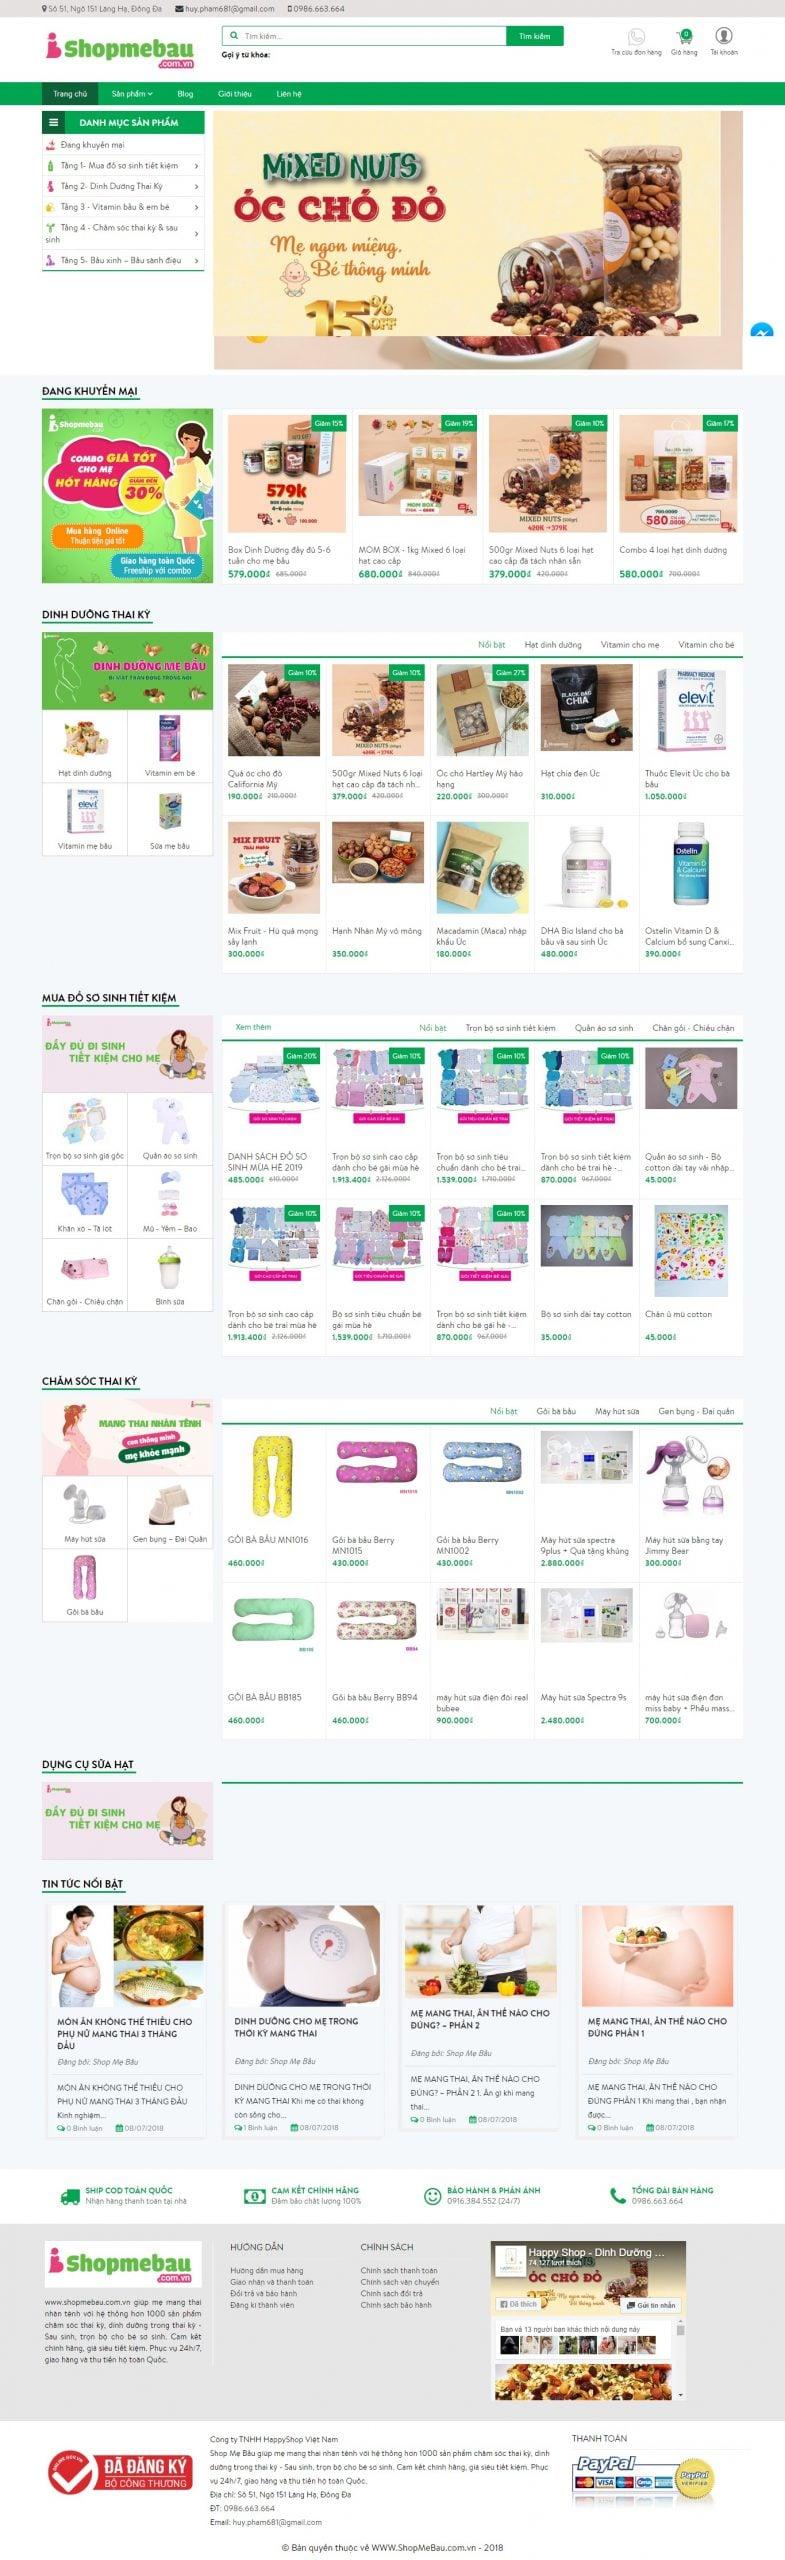 Mẫu thiết kế website bán hàng – shopmebau.com.vn Shop Mẹ Bầu – Giúp mẹ mang thai nhàn tênh